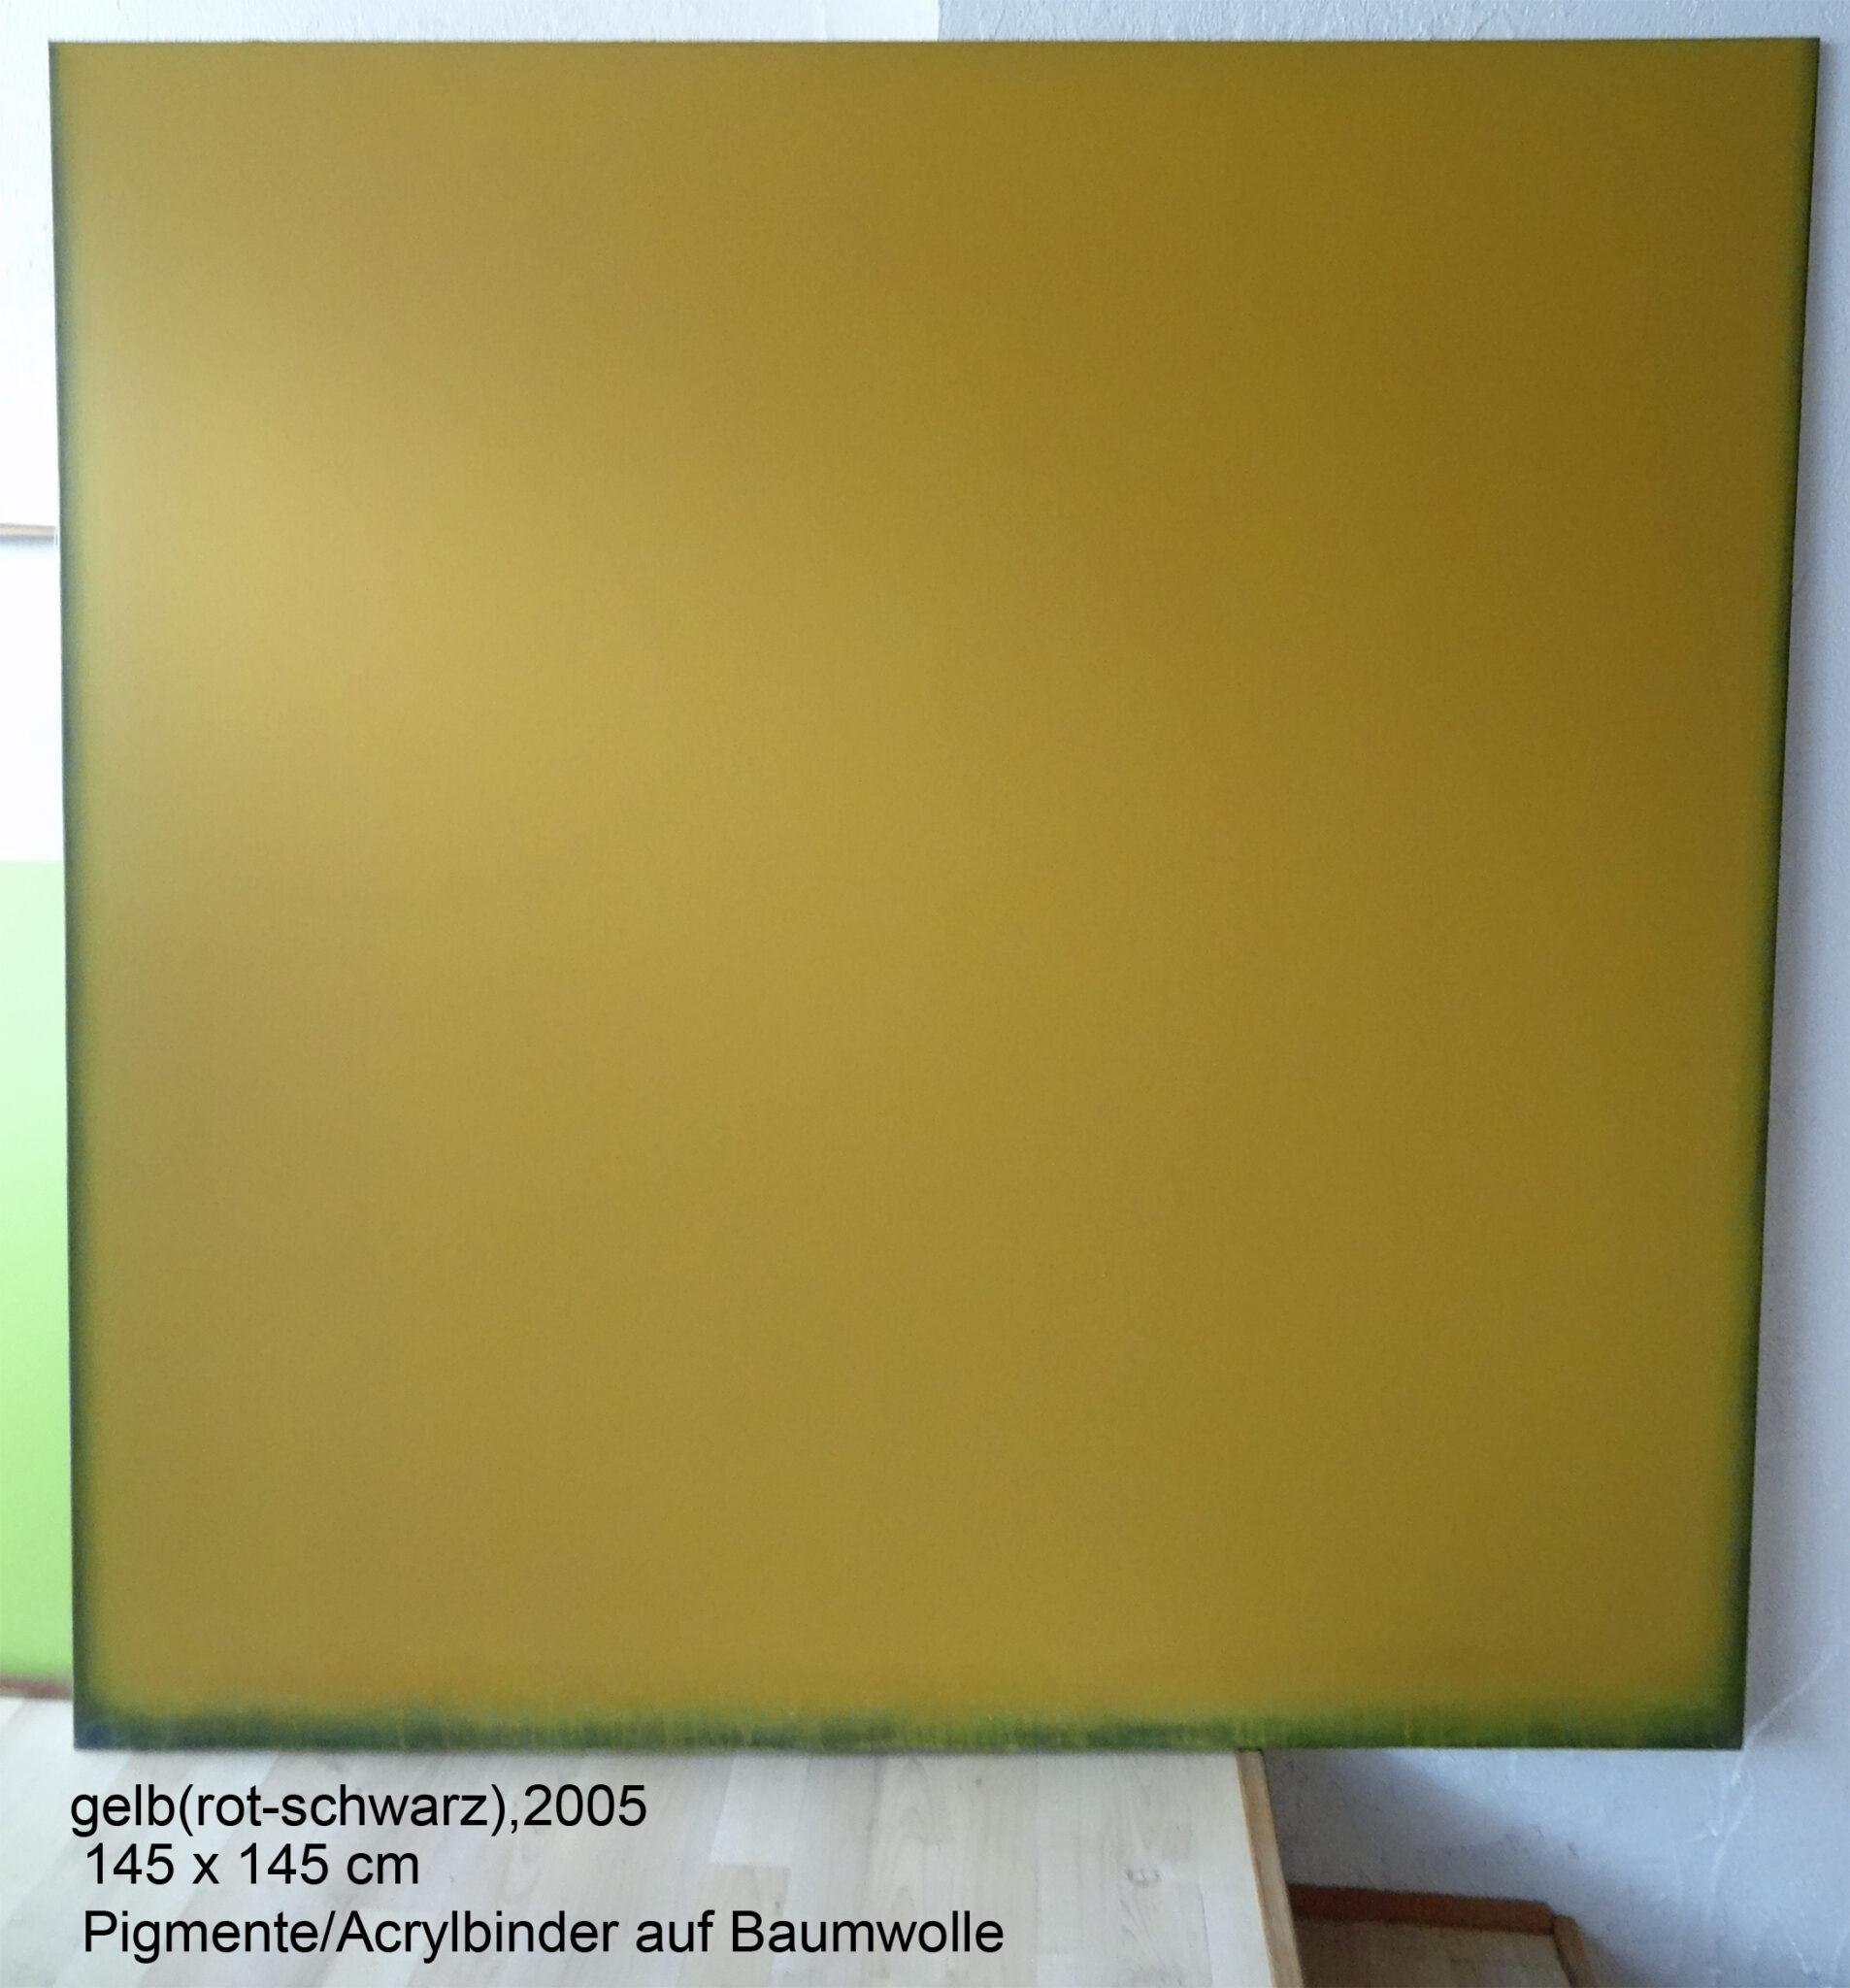 radical painting - gelb (rot/schwarz),